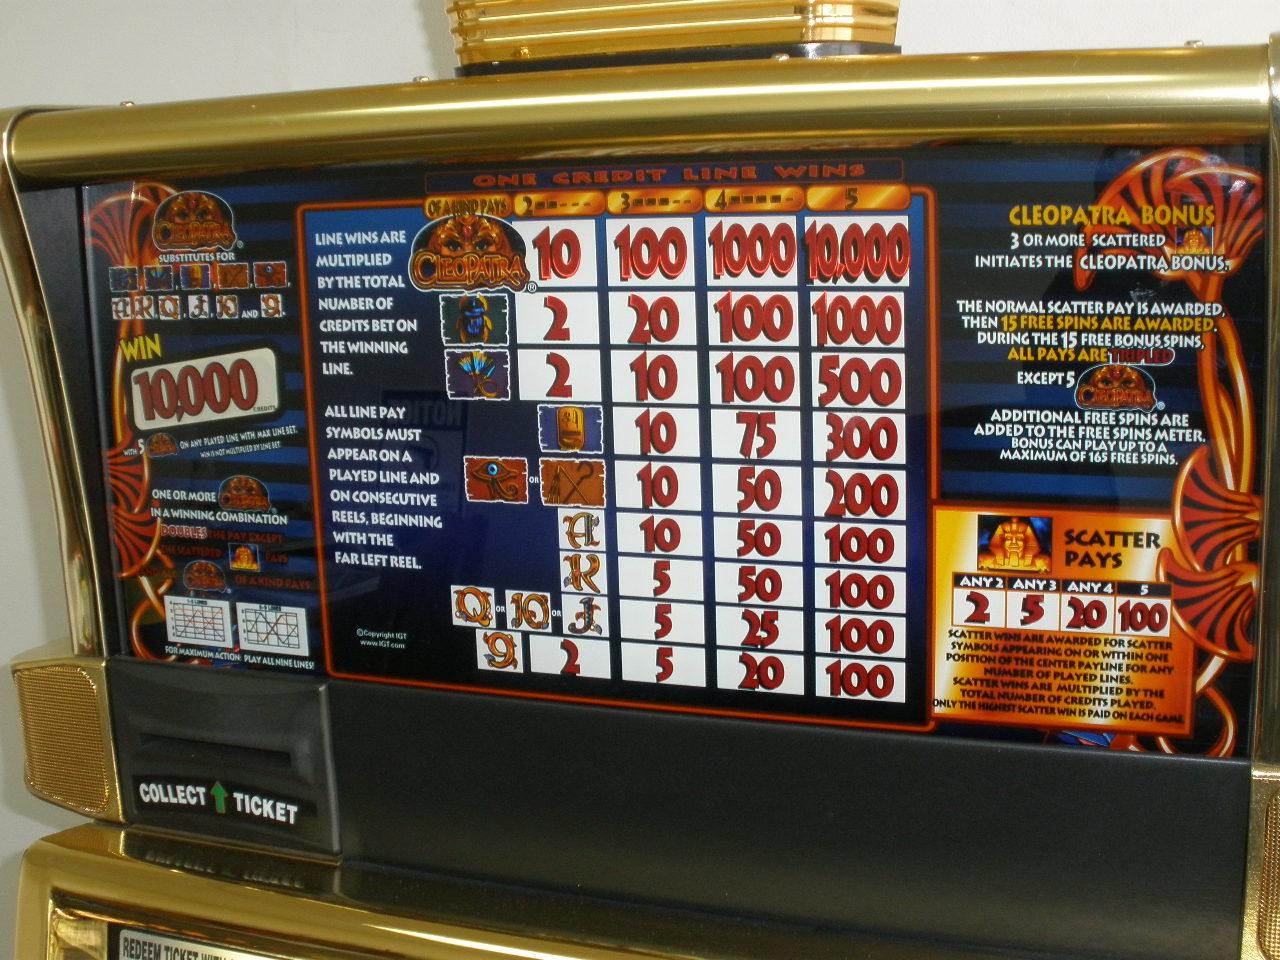 Tornei poker live casino sanremo